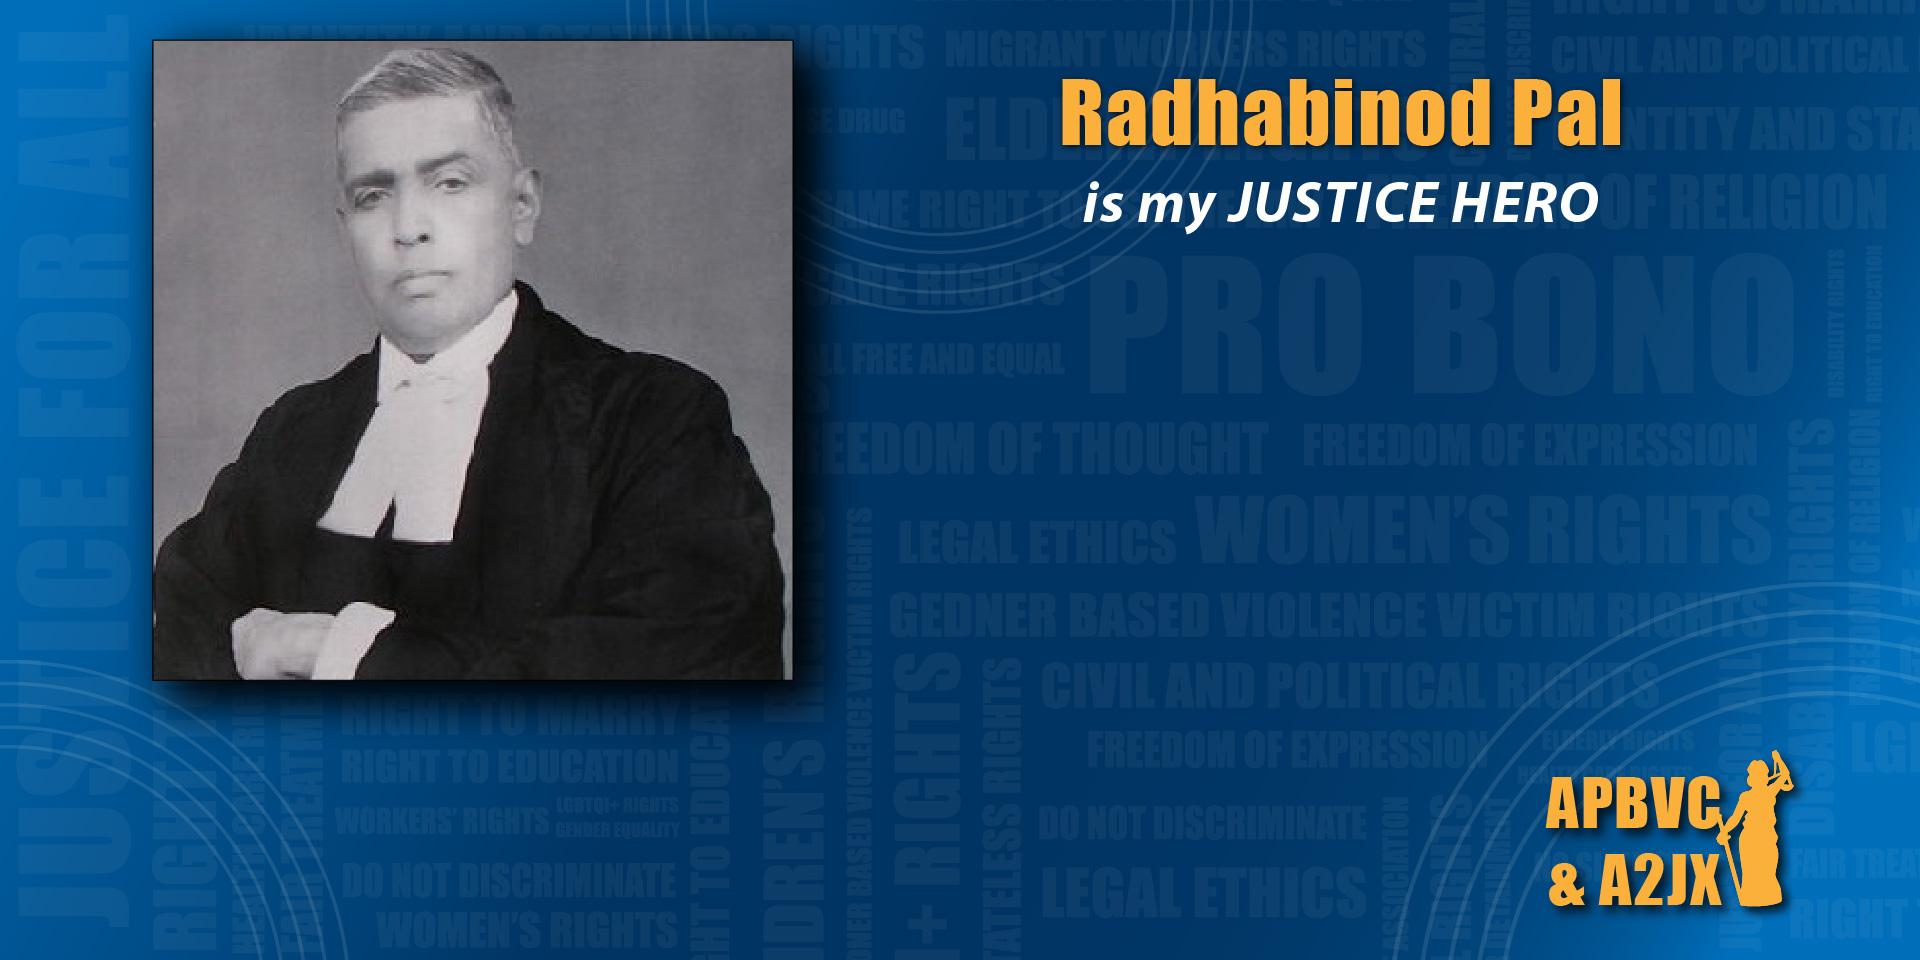 Radhabinod Pal